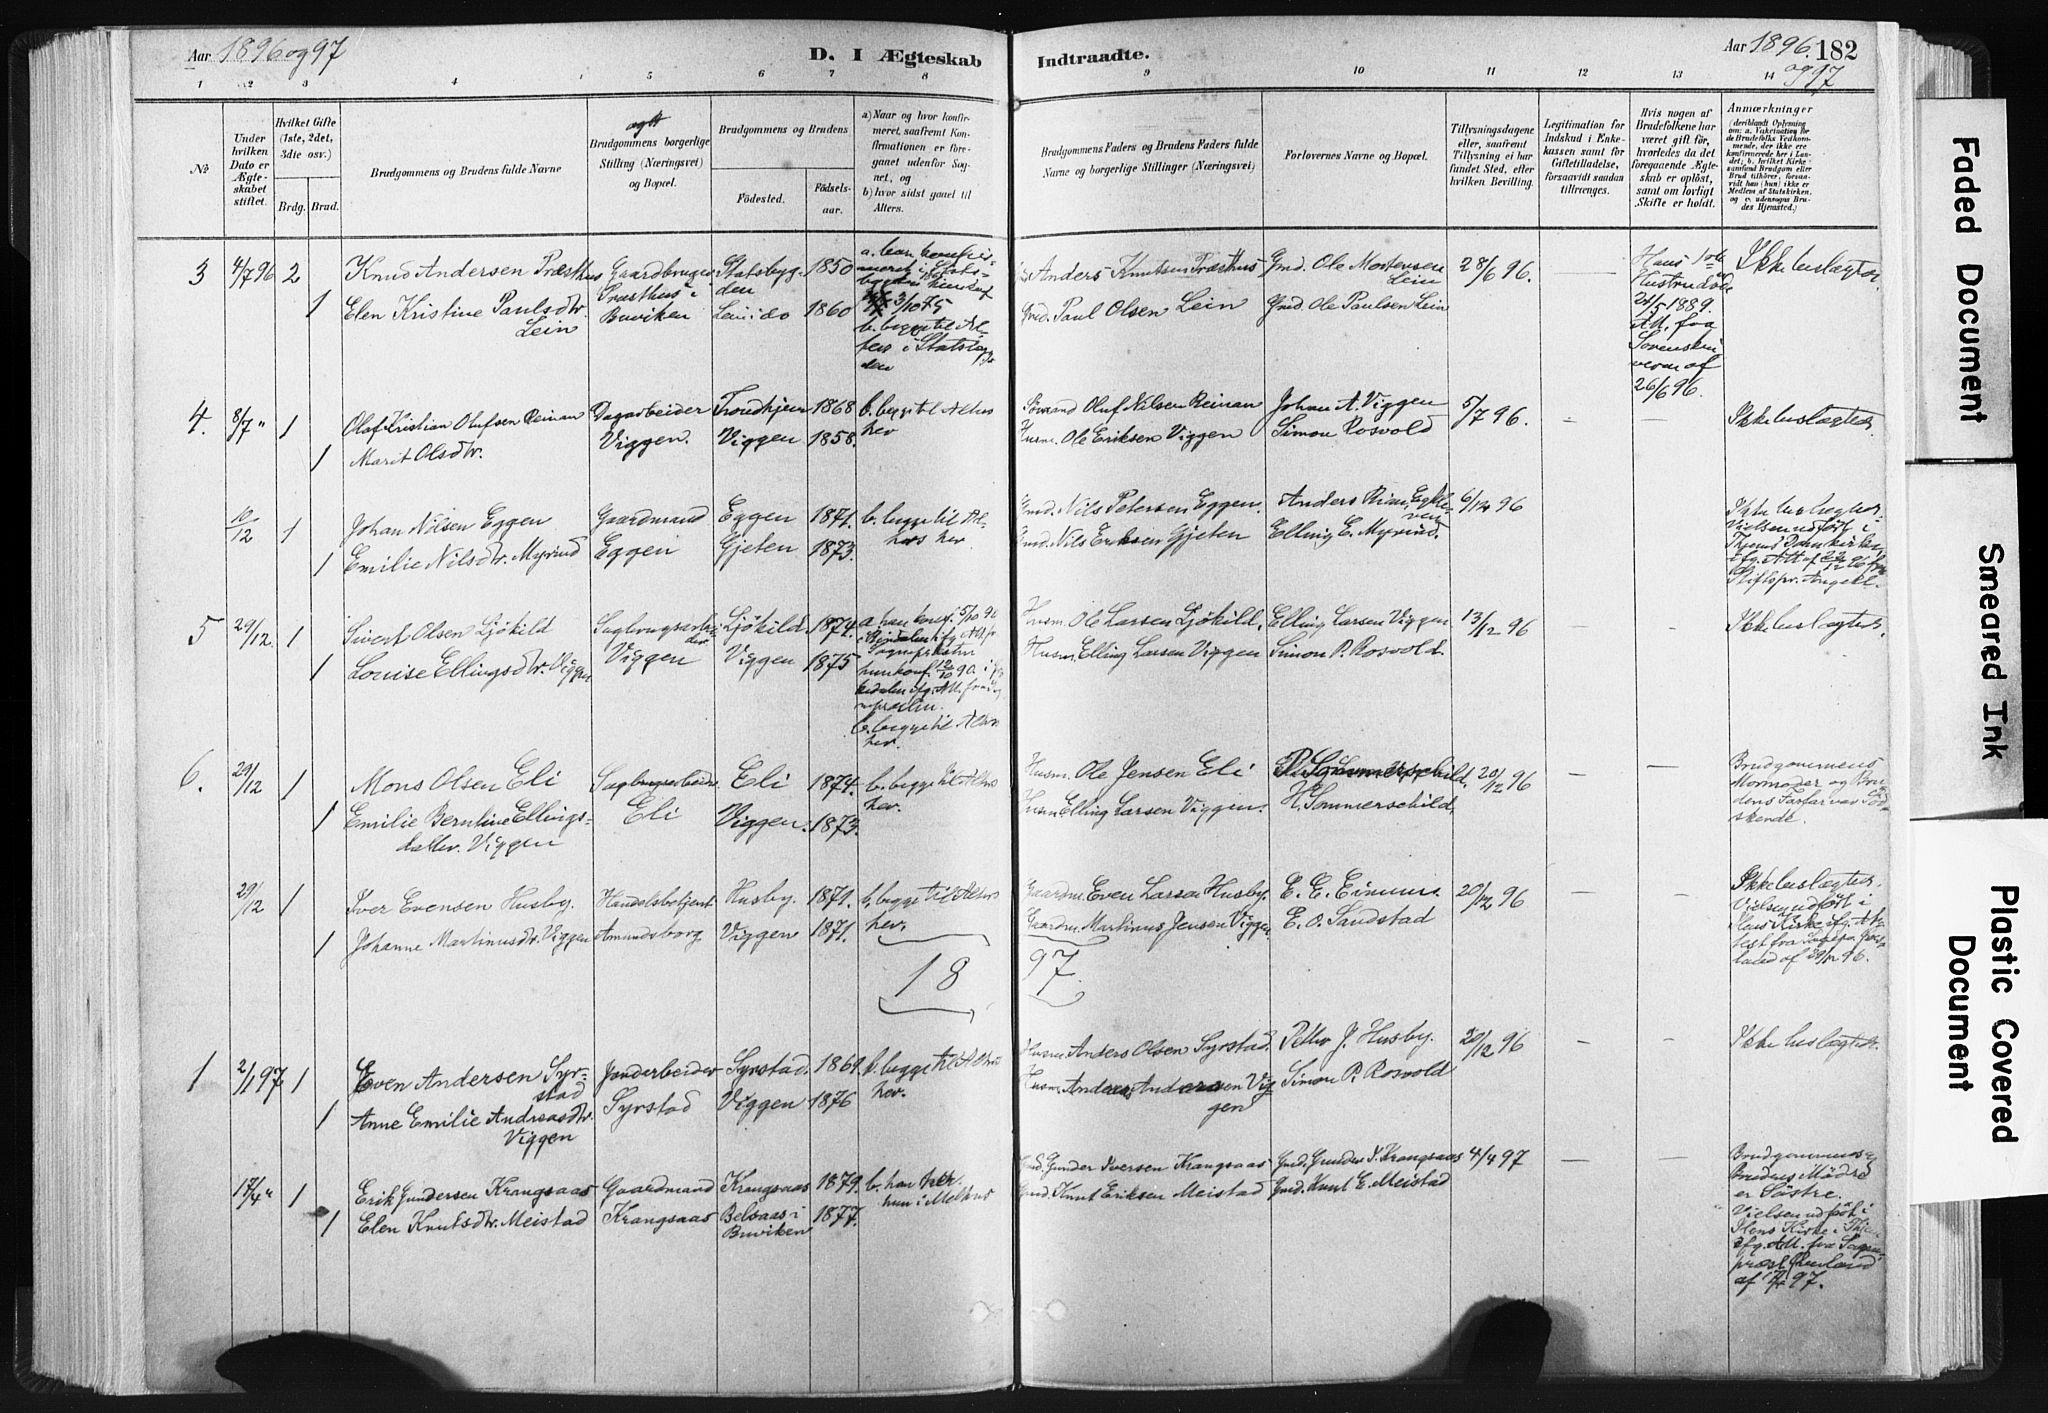 SAT, Ministerialprotokoller, klokkerbøker og fødselsregistre - Sør-Trøndelag, 665/L0773: Ministerialbok nr. 665A08, 1879-1905, s. 182